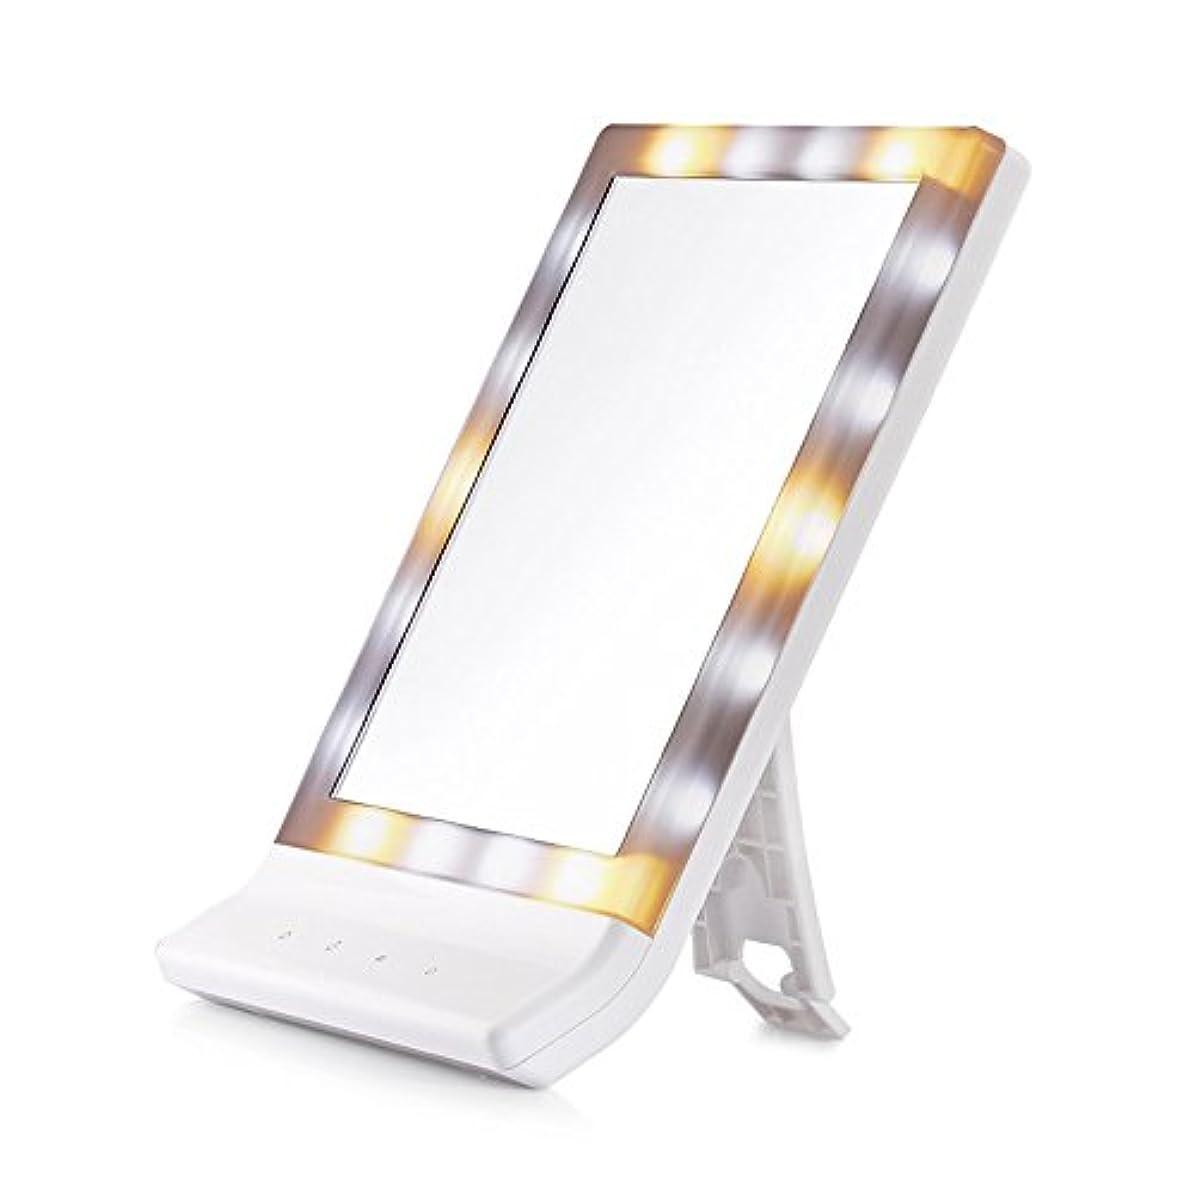 カウントコンデンサー州卓上/壁掛け両用ミラー 卓上ミラー ライト付き 18個 ledライト ミラー 電池/USB給電 スタンド LED化粧鏡 3段階調色 ホワイト